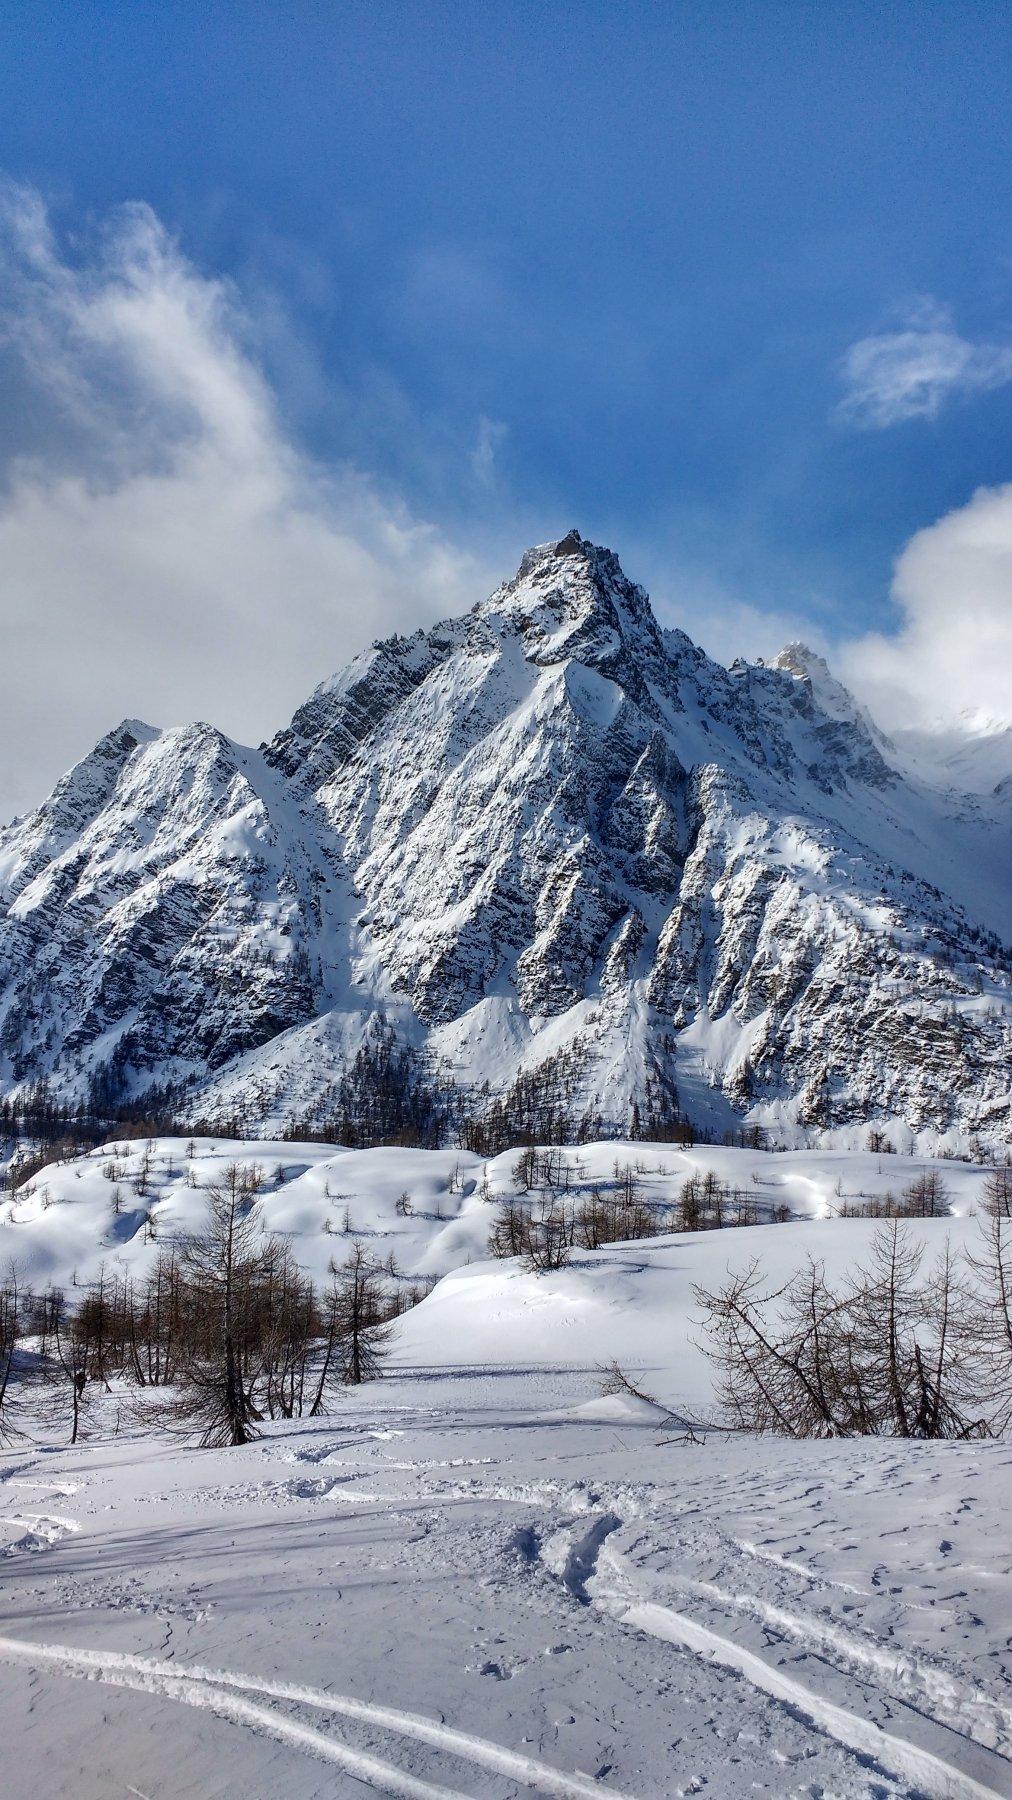 Valle (Punta della) quota 2611 m SO da Alpe Devero 2017-01-14